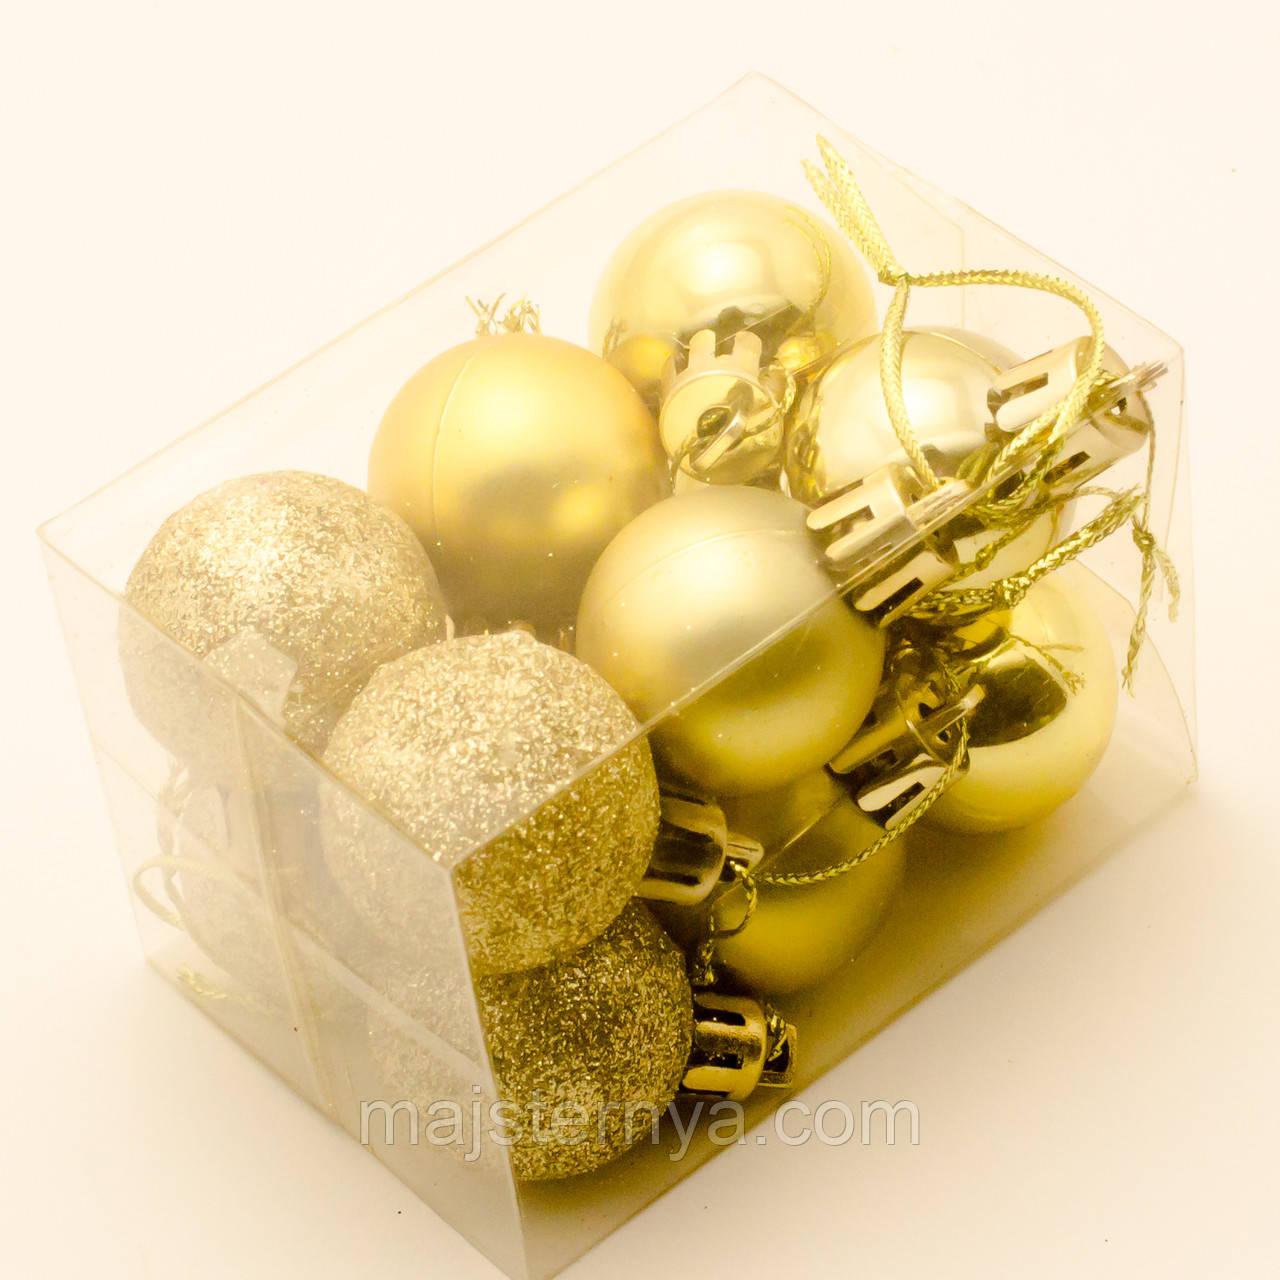 Новорічні іграшки на ялинку - кулі 5см (12шт в упаковці) золотого кольору